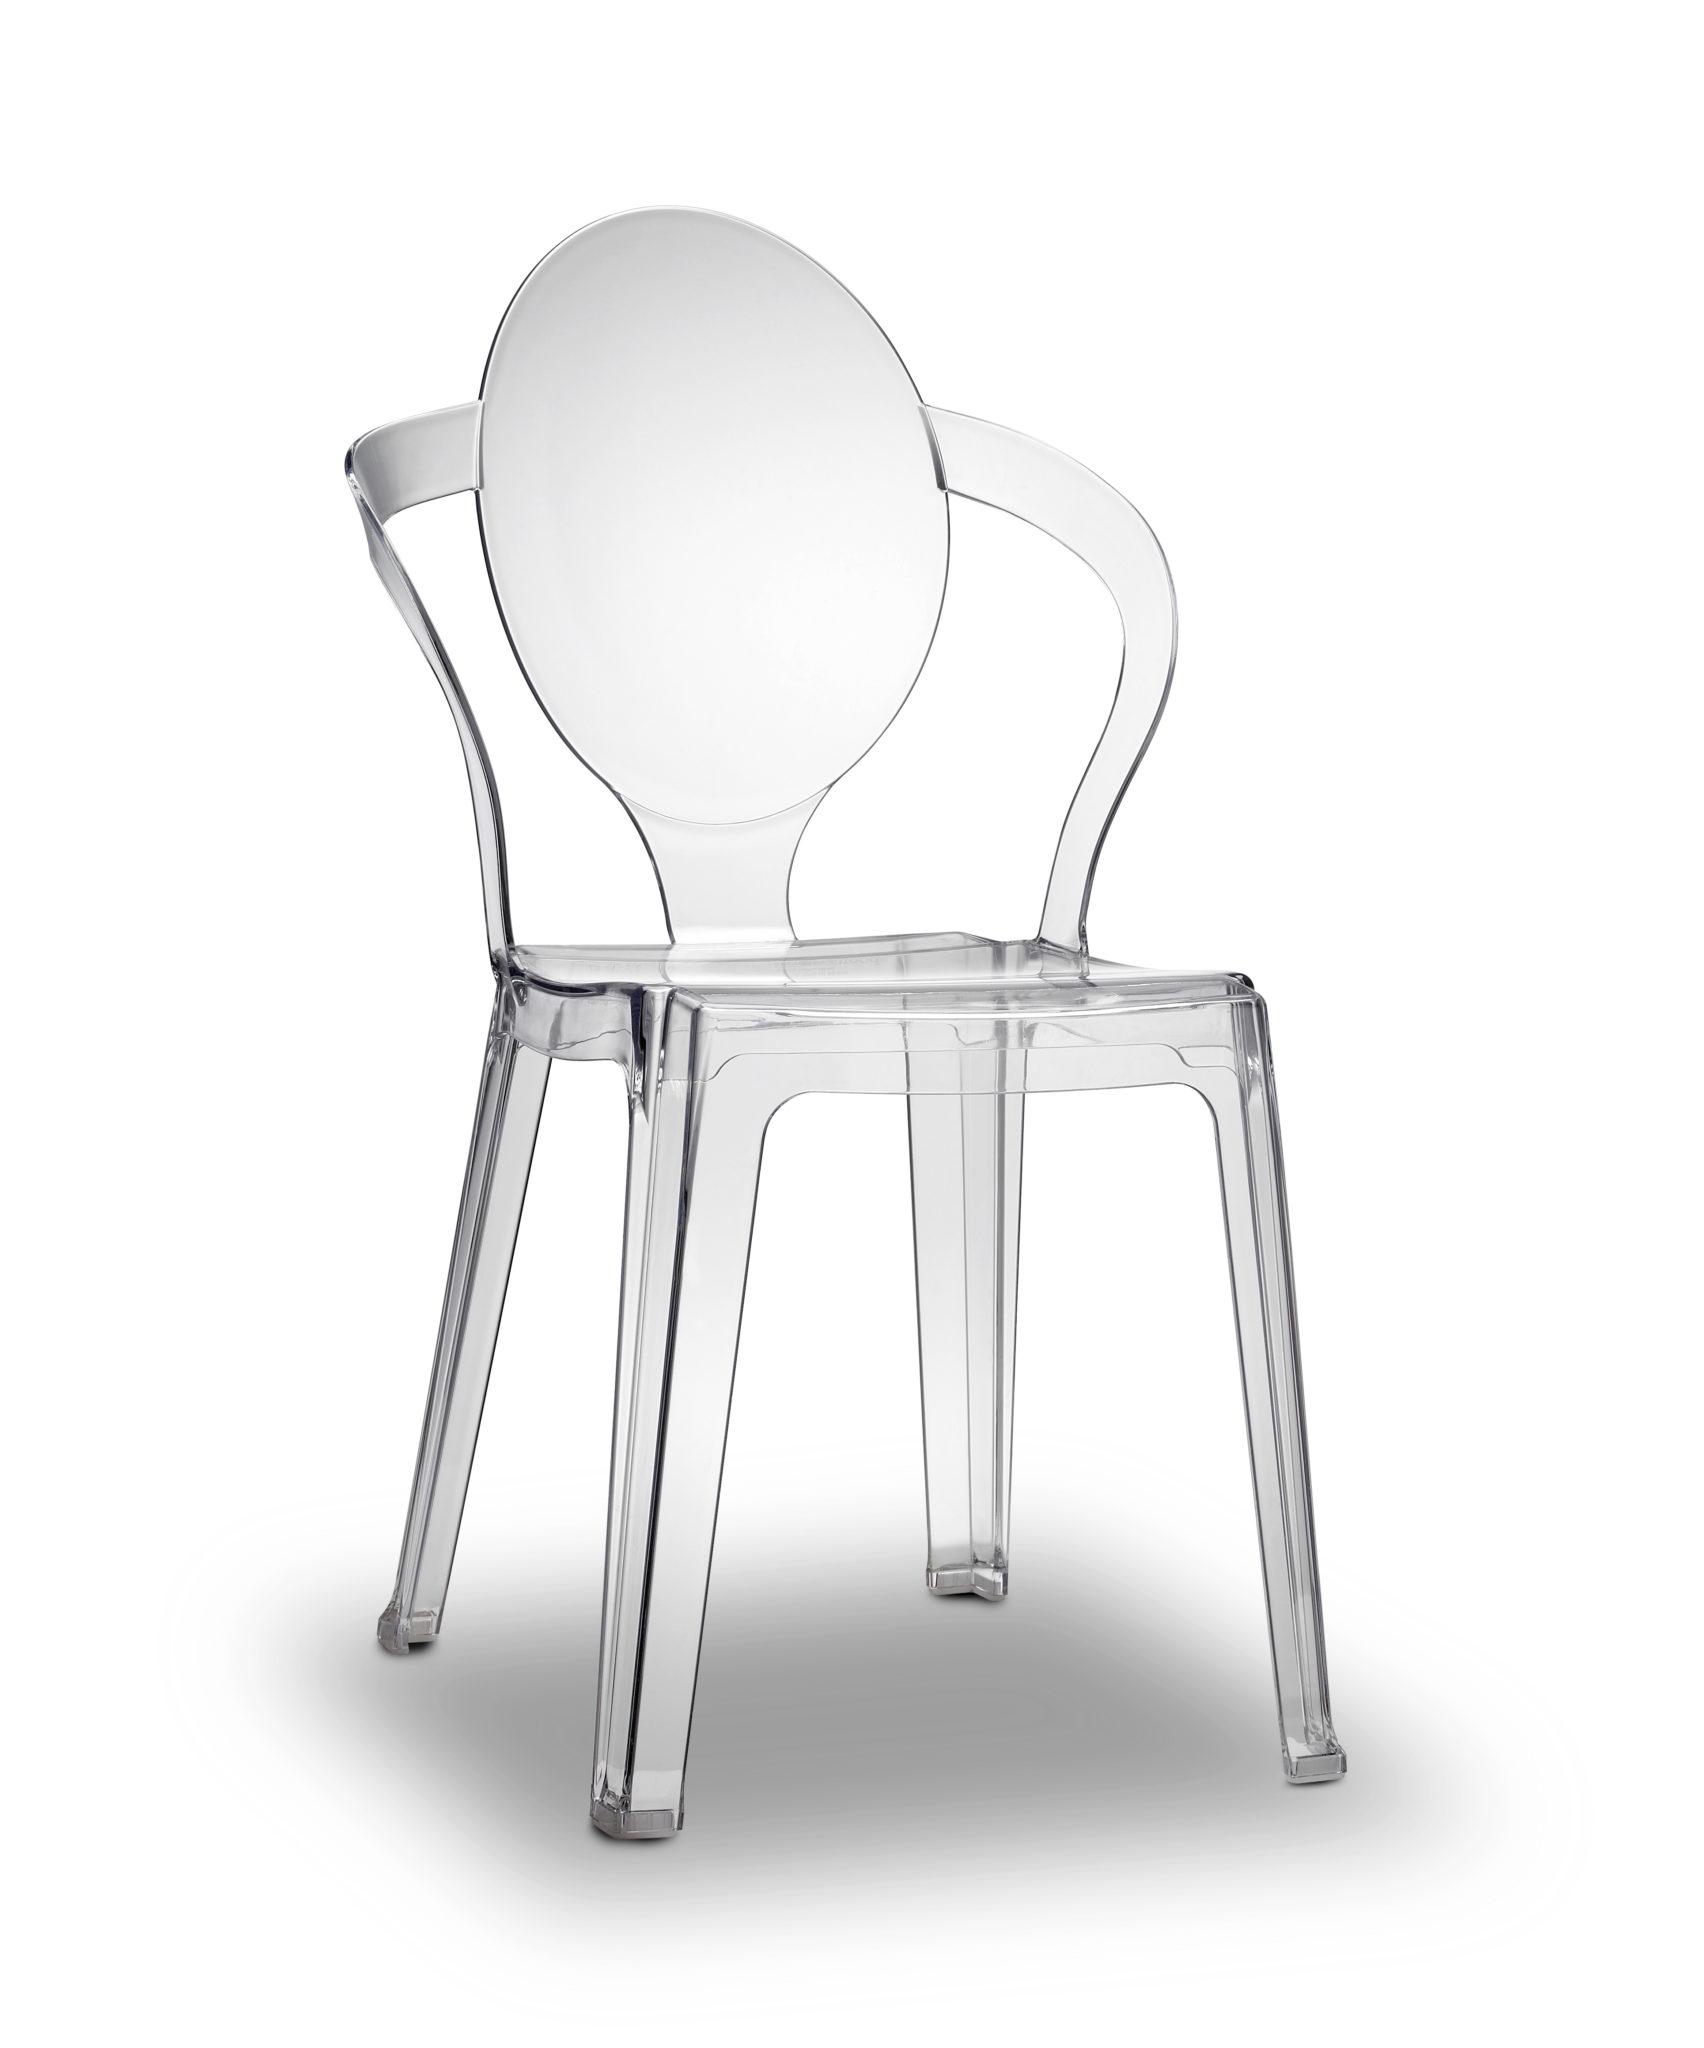 Scab Sedie E Tavoli.Sedia Spoon Scab Design Linea Tavoli E Sedie